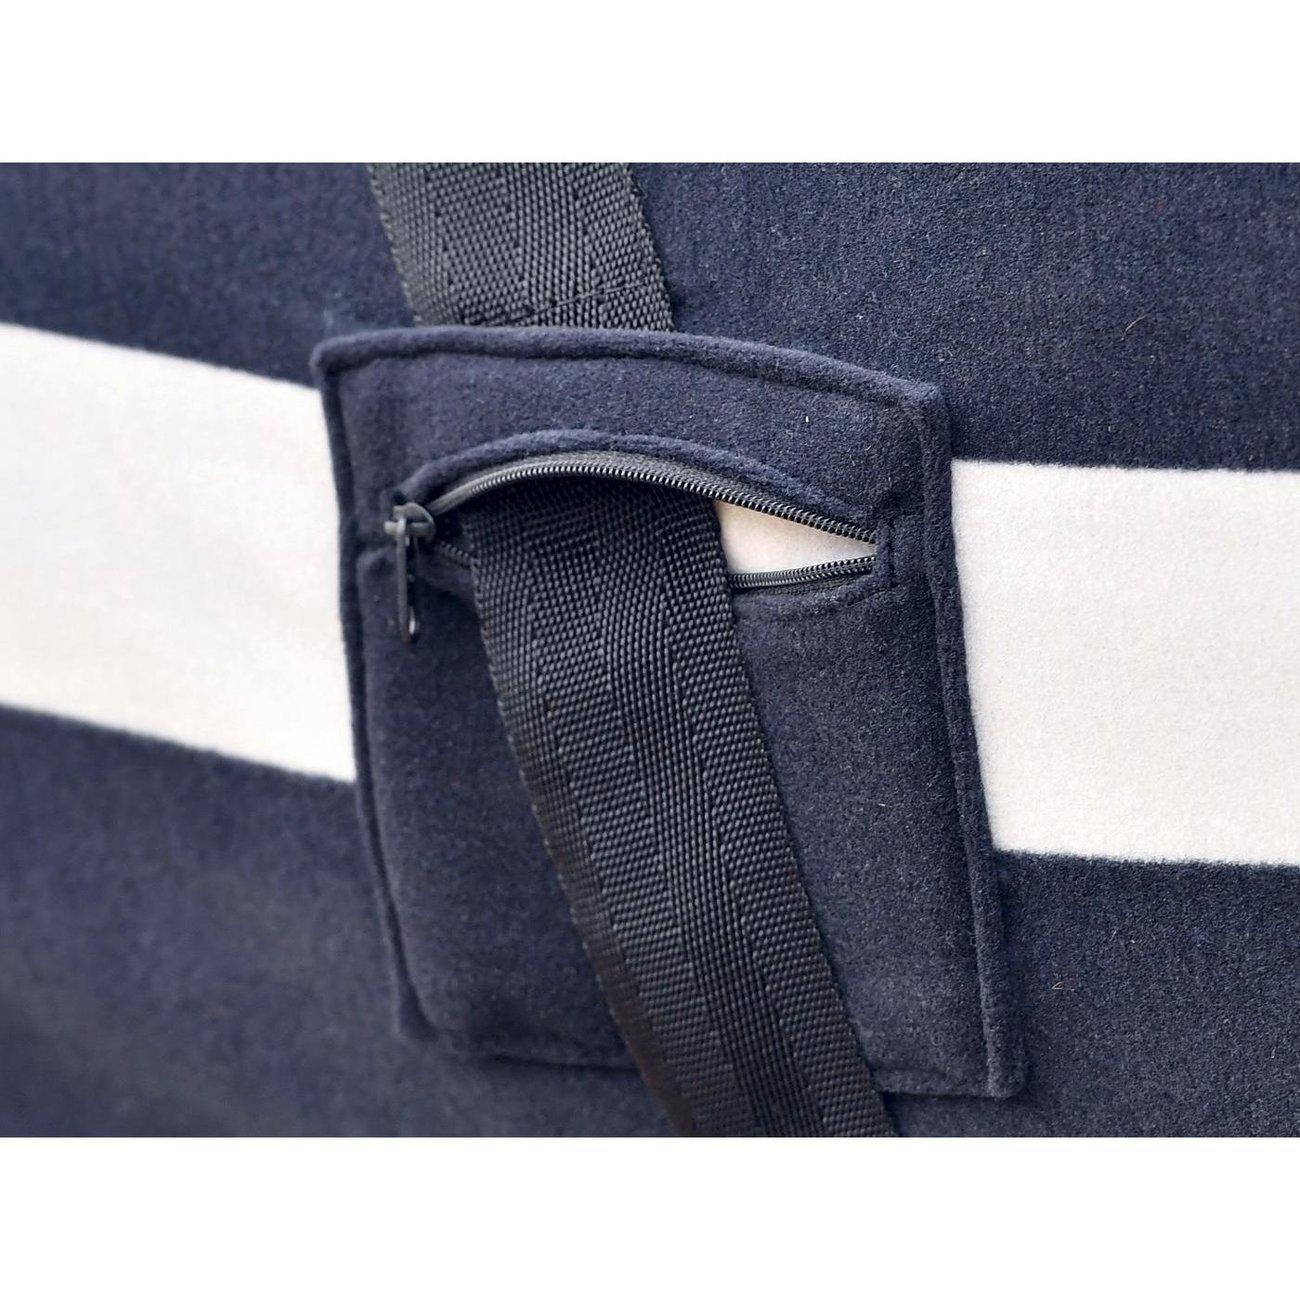 BUSSE Abschwitzdecke Stripes, Bild 5